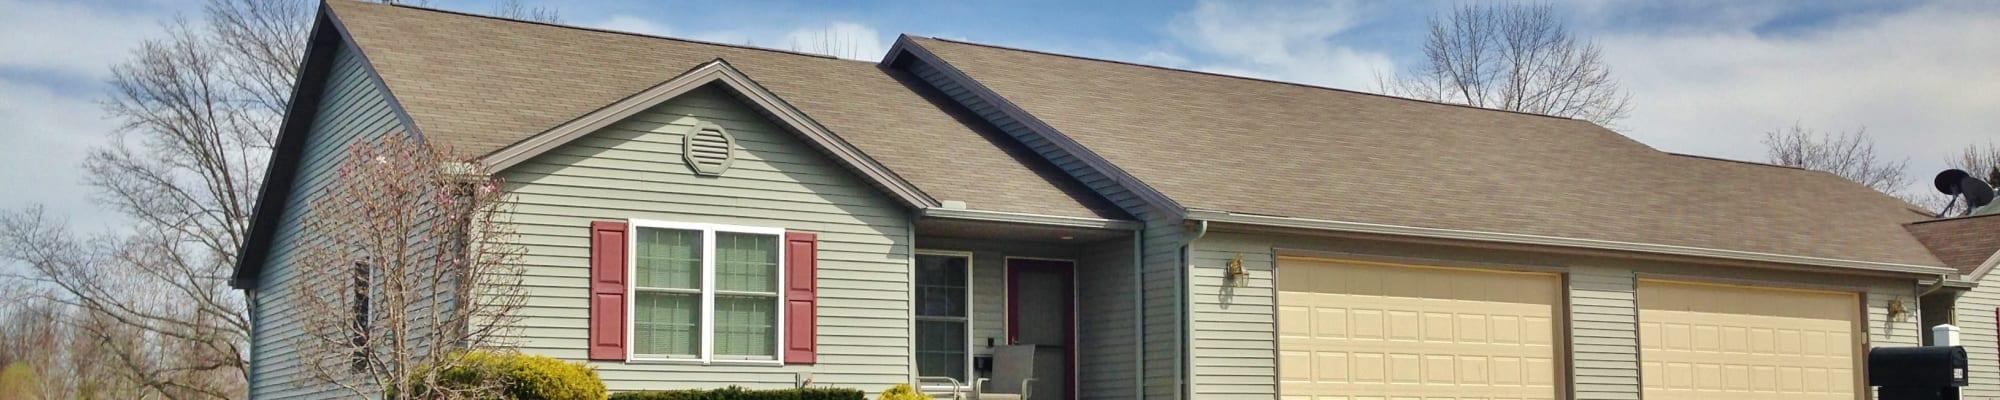 Floor Plans & Pricing at Clearview Lantern Suites in Warren, Ohio